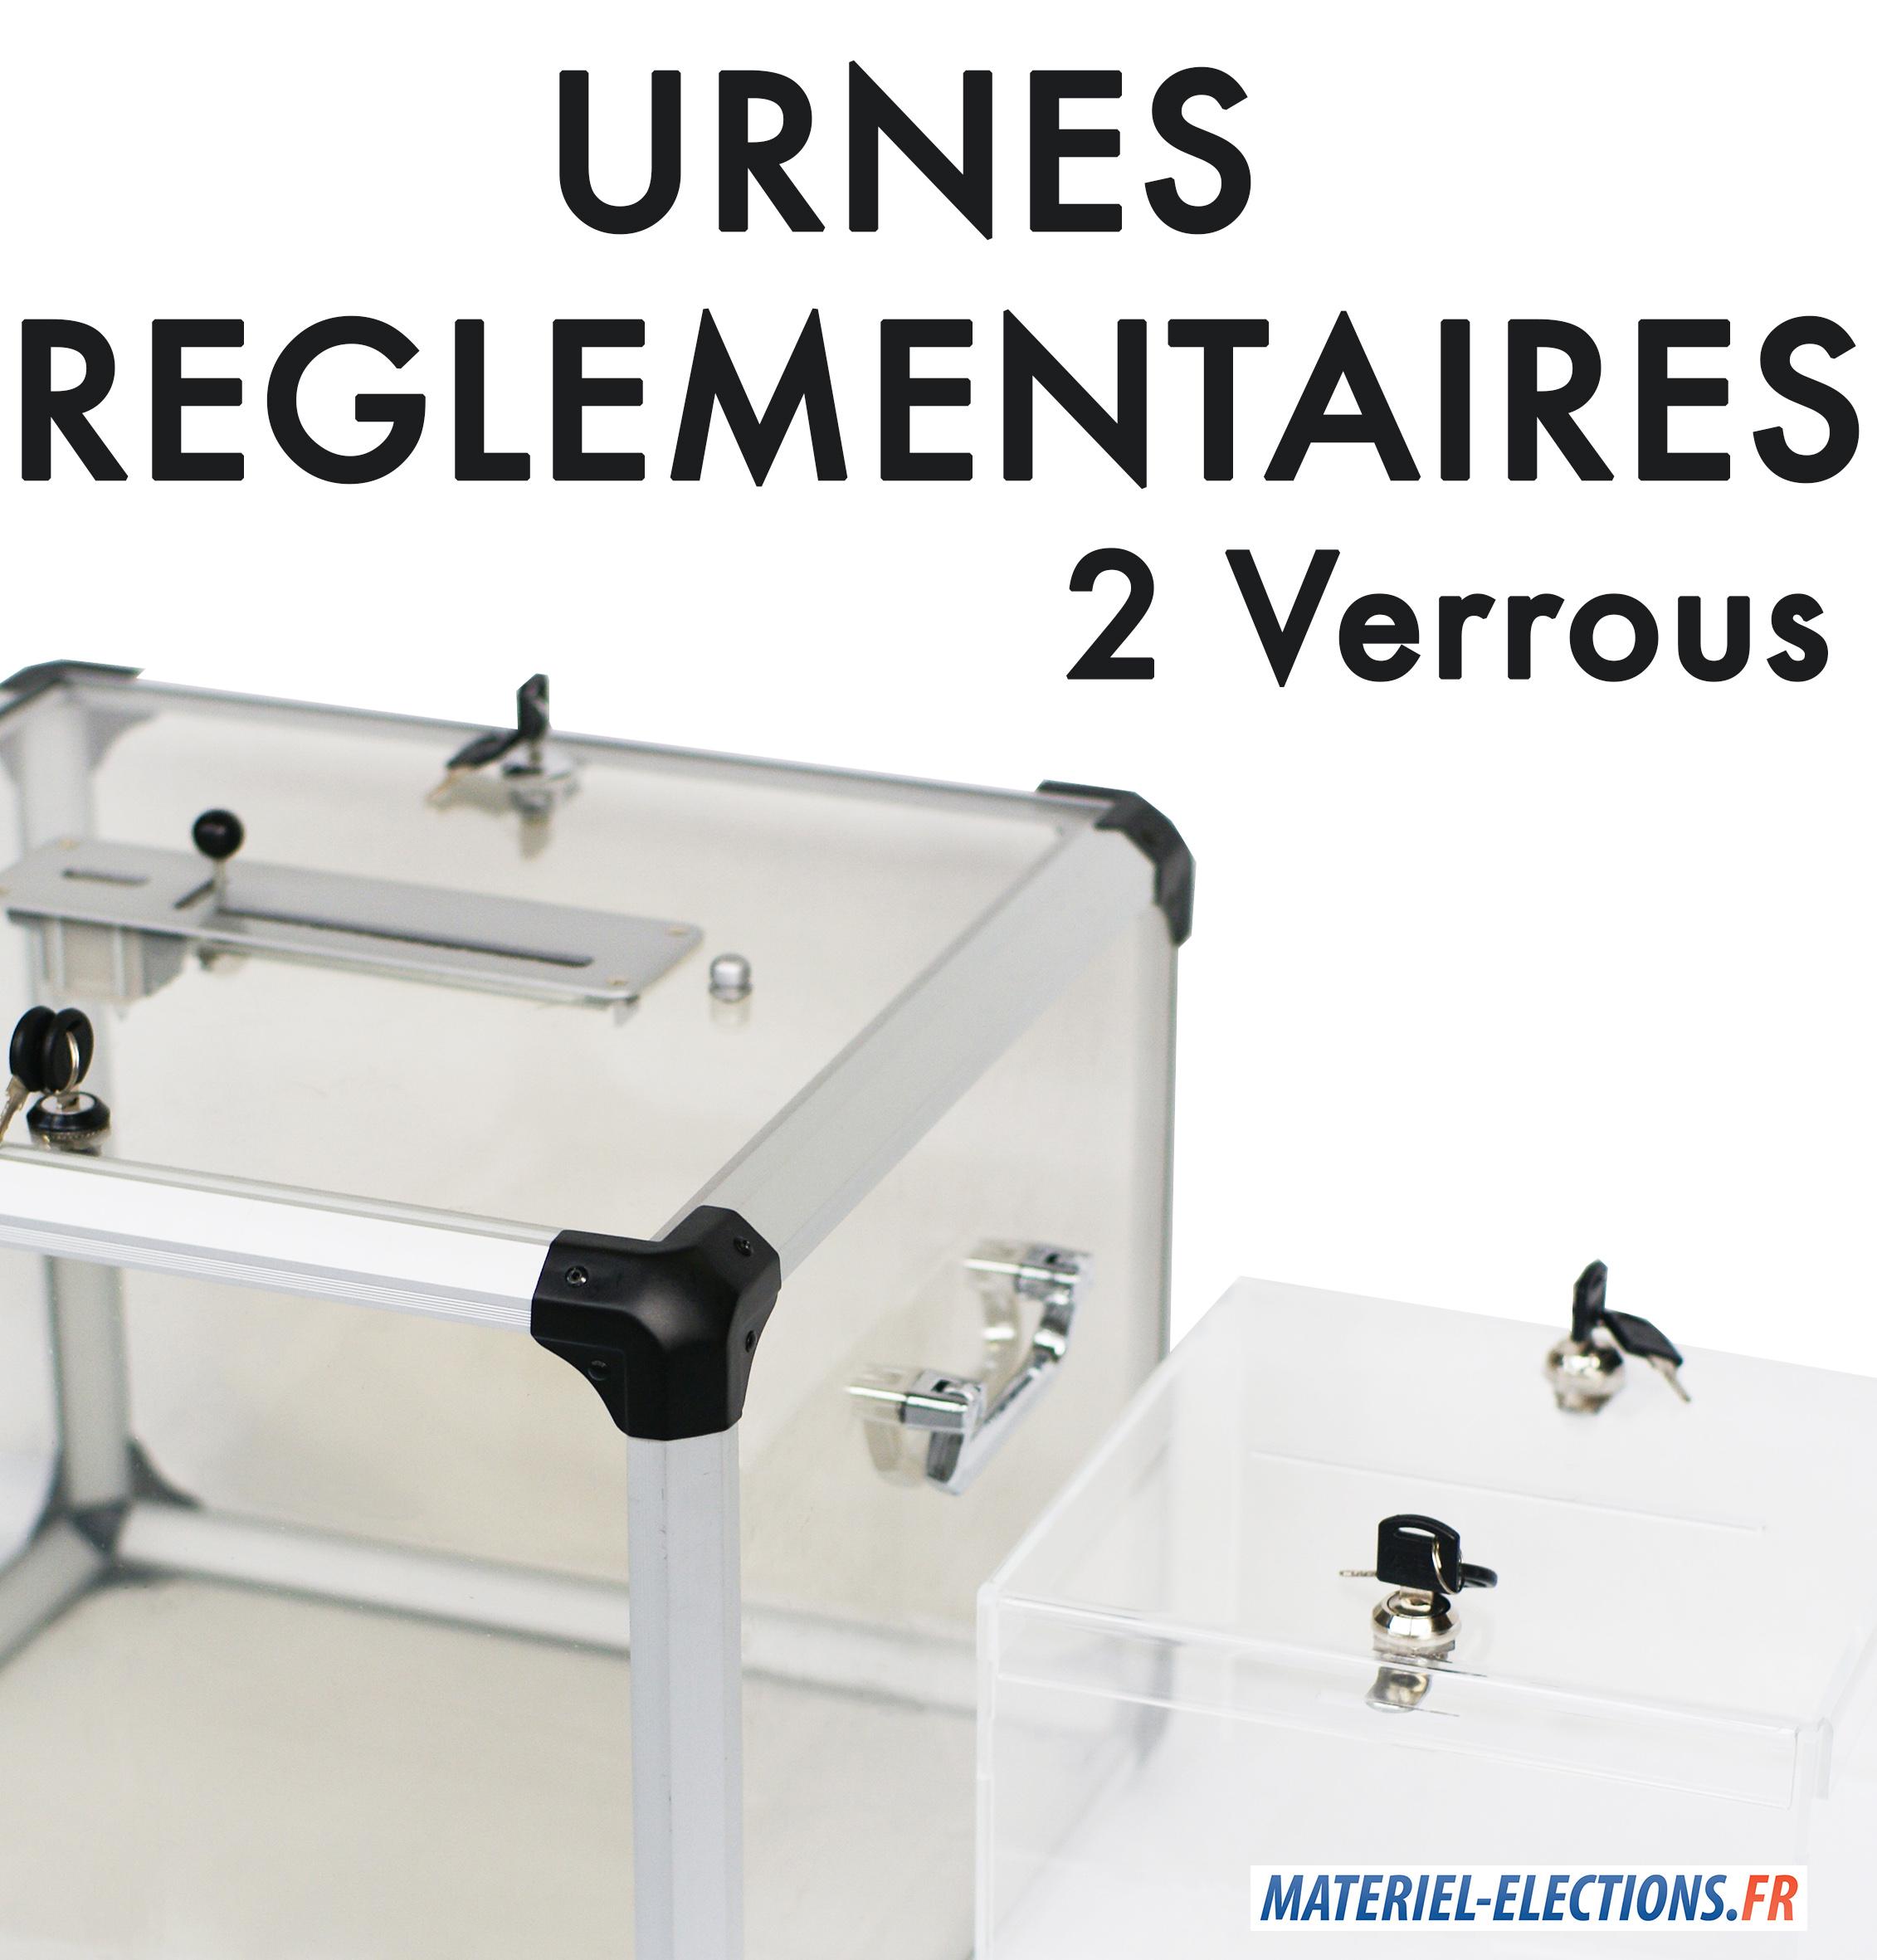 urnes élections réglementaires